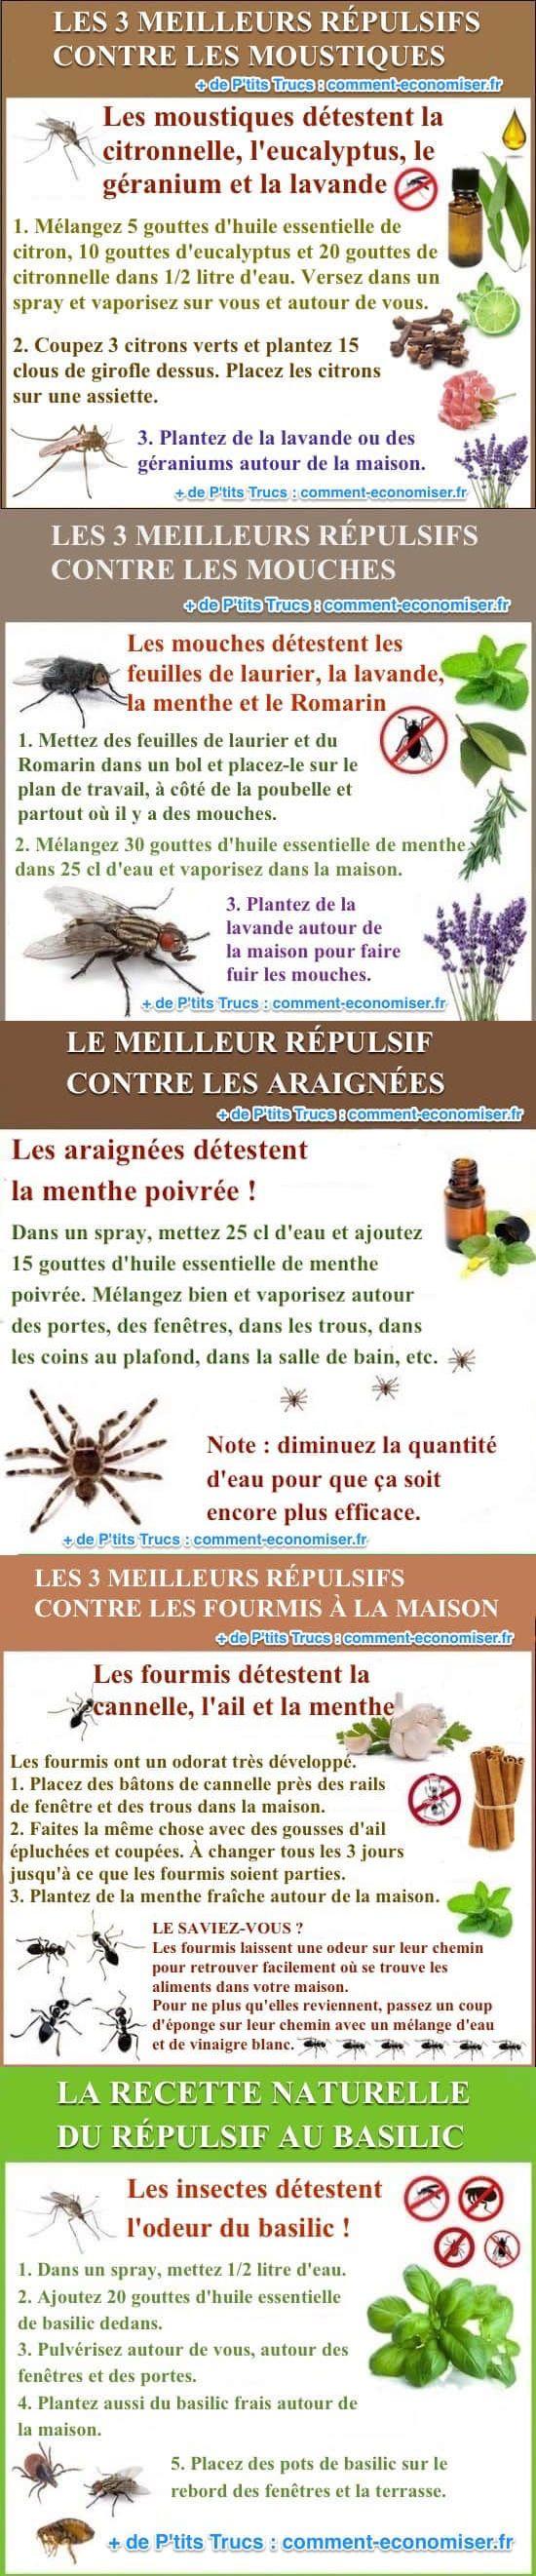 Remede De Grand Mere Contre Les Moucherons Dans La Maison les 5 meilleurs répulsifs naturels contre tous les insectes